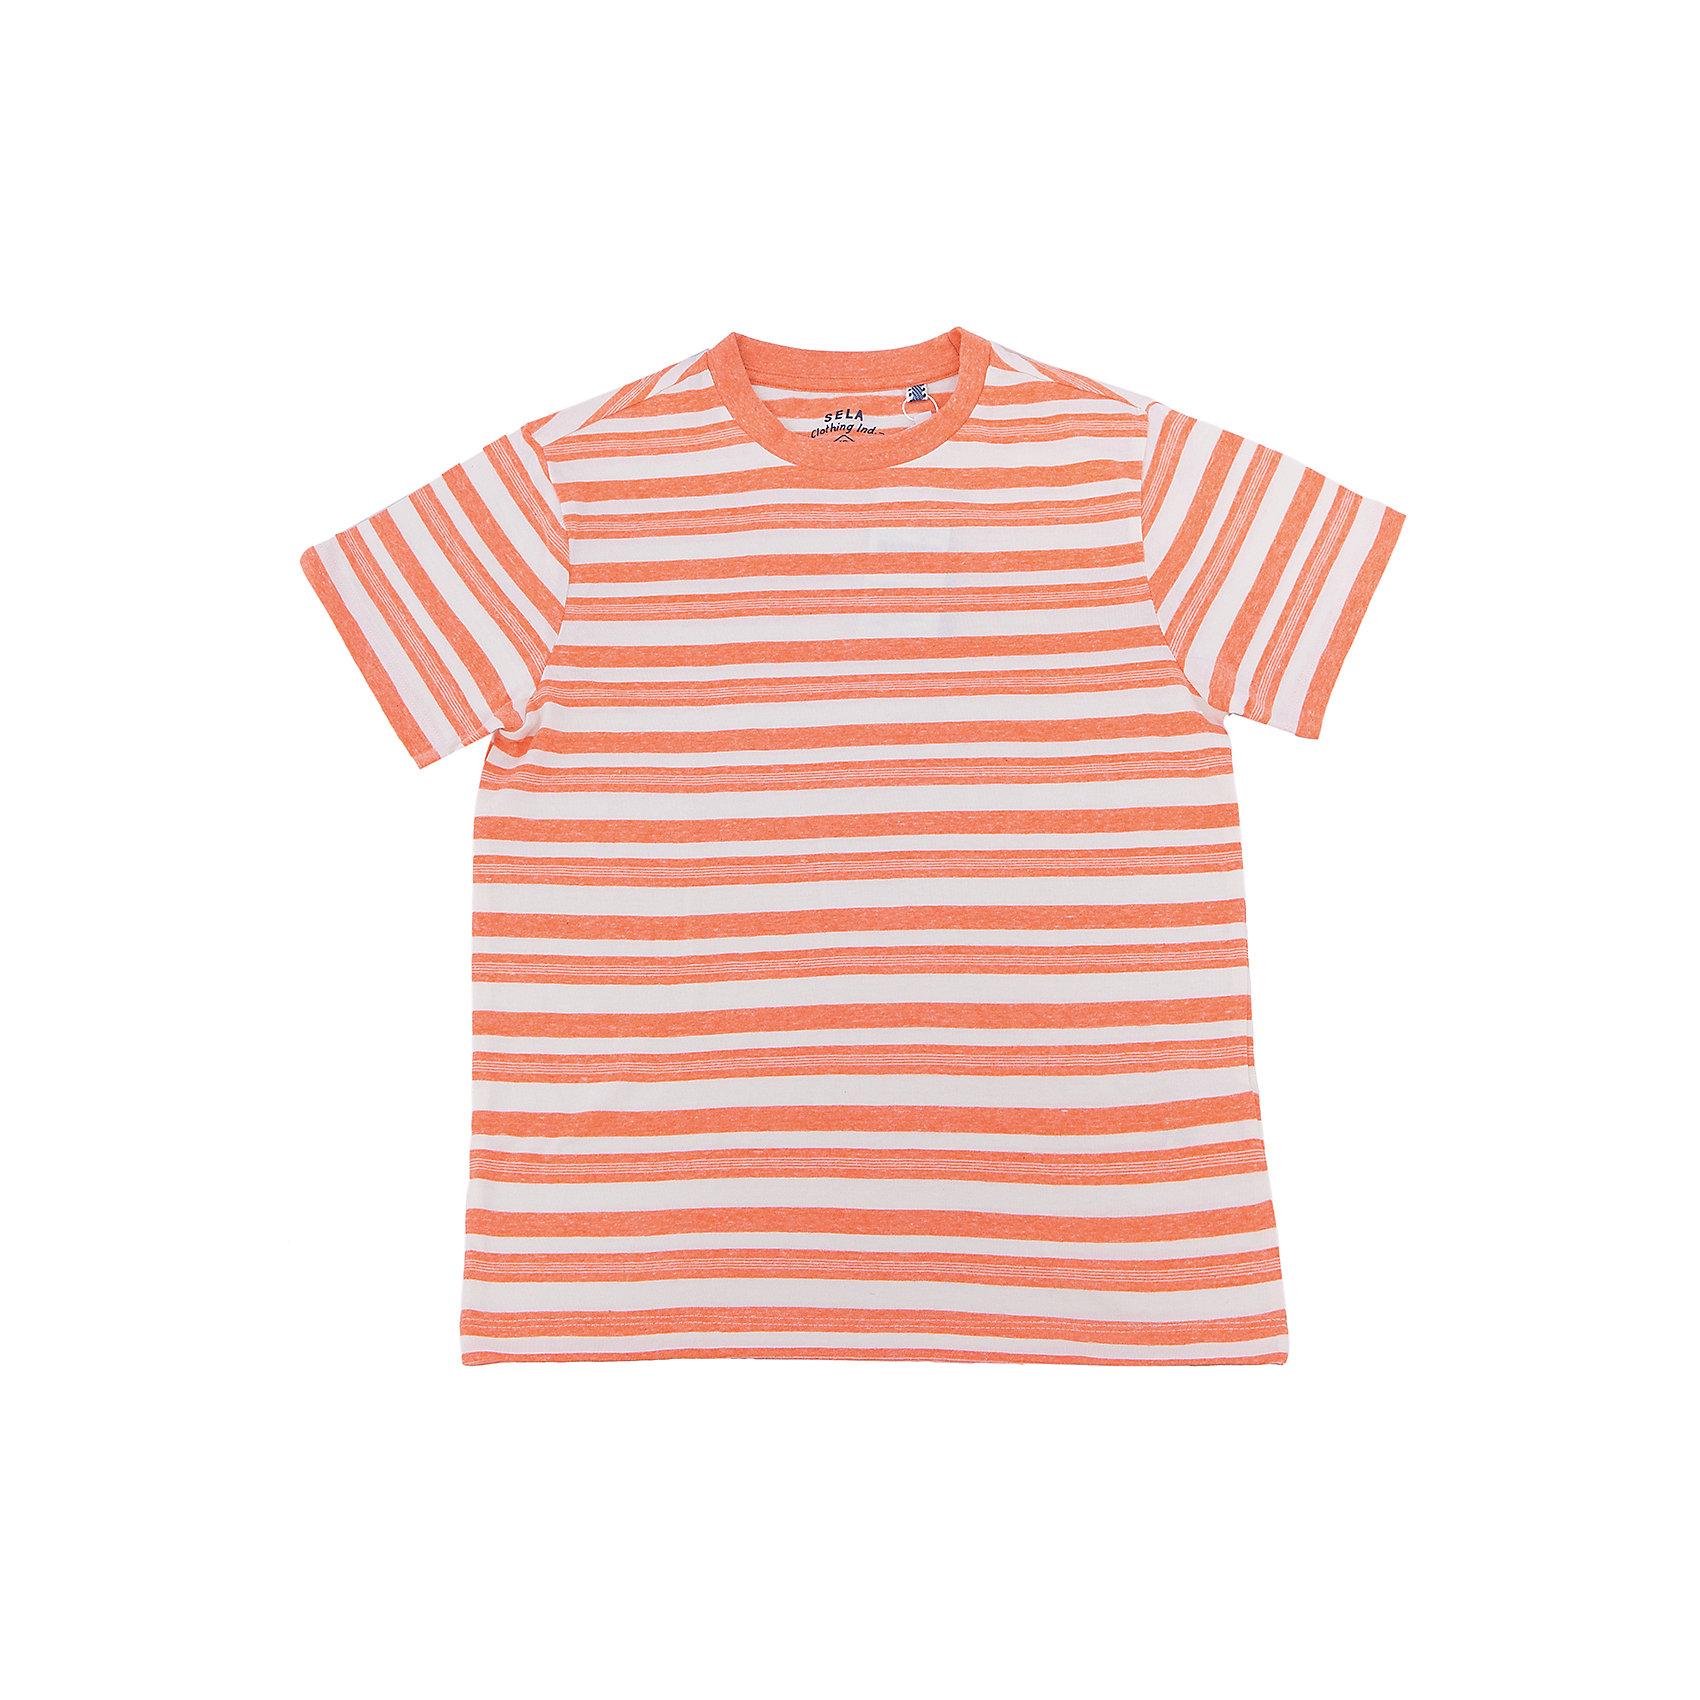 Футболка  для мальчика SELAФутболки, поло и топы<br>Характеристики товара:<br><br>• цвет: желтый<br>• состав: 100% хлопок<br>• принт<br>• короткие рукава<br>• округлый горловой вырез<br>• страна бренда: Российская Федерация<br><br>В новой коллекции SELA отличные модели одежды! Эта футболка для мальчика поможет разнообразить гардероб ребенка и обеспечить комфорт. Она отлично сочетается с джинсами и брюками. Удобная базовая вещь!<br><br>Футболку для мальчика от популярного бренда SELA (СЕЛА) можно купить в нашем интернет-магазине.<br><br>Ширина мм: 230<br>Глубина мм: 40<br>Высота мм: 220<br>Вес г: 250<br>Цвет: оранжевый<br>Возраст от месяцев: 72<br>Возраст до месяцев: 84<br>Пол: Мужской<br>Возраст: Детский<br>Размер: 122,128,134,146,152,116,140<br>SKU: 5304065